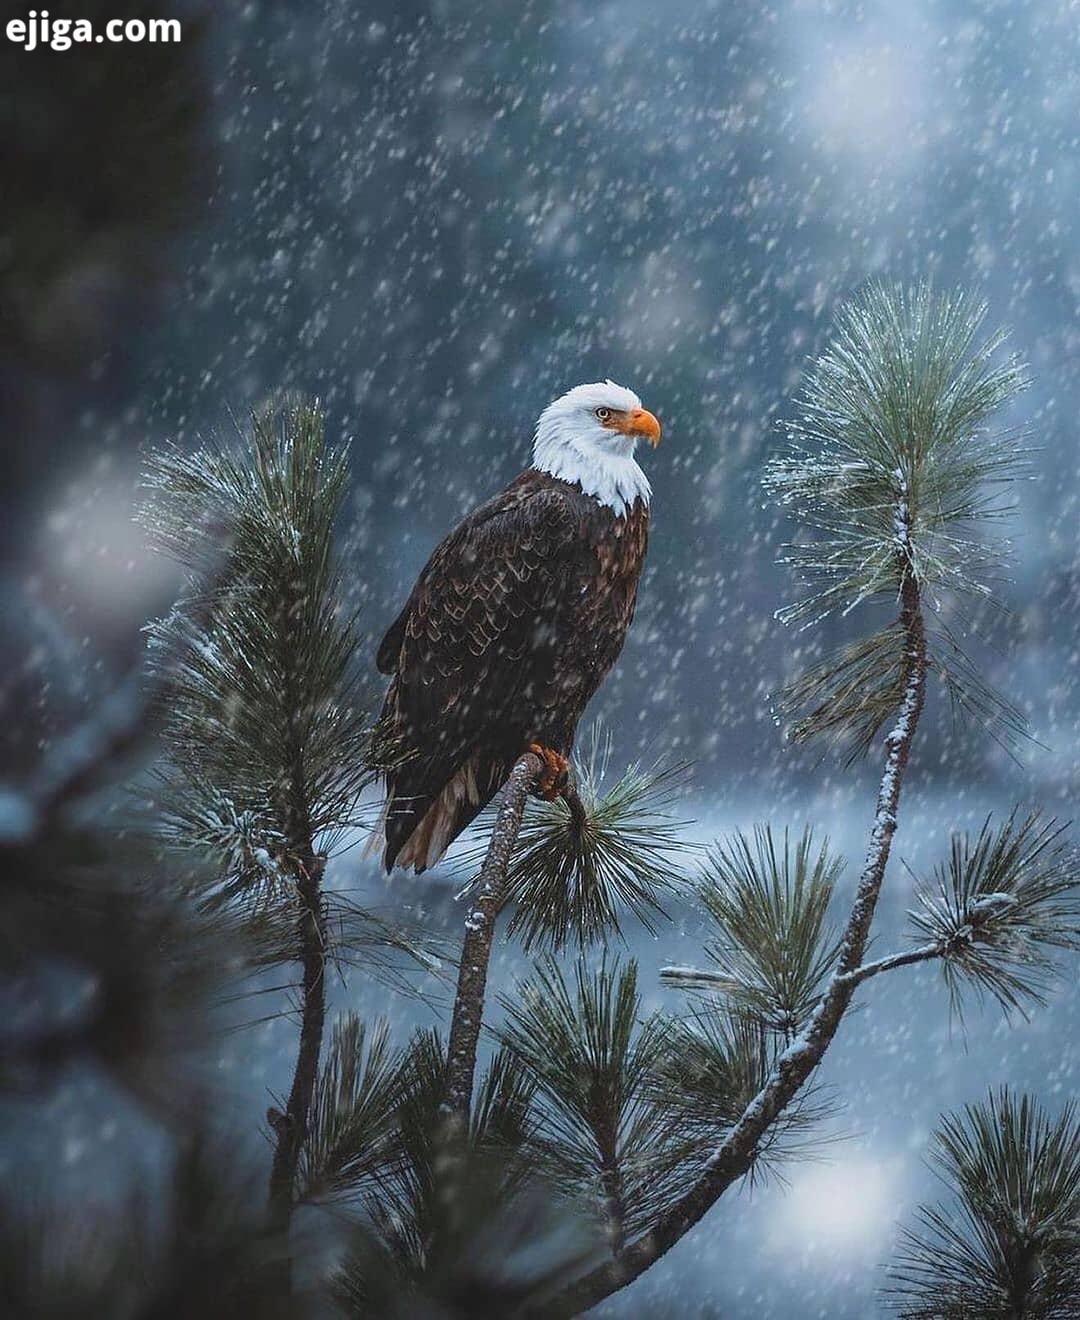 عقاب سرسفید های جذاب رو از دست ندید ممنون از همراهی همیشگی...Bald eag